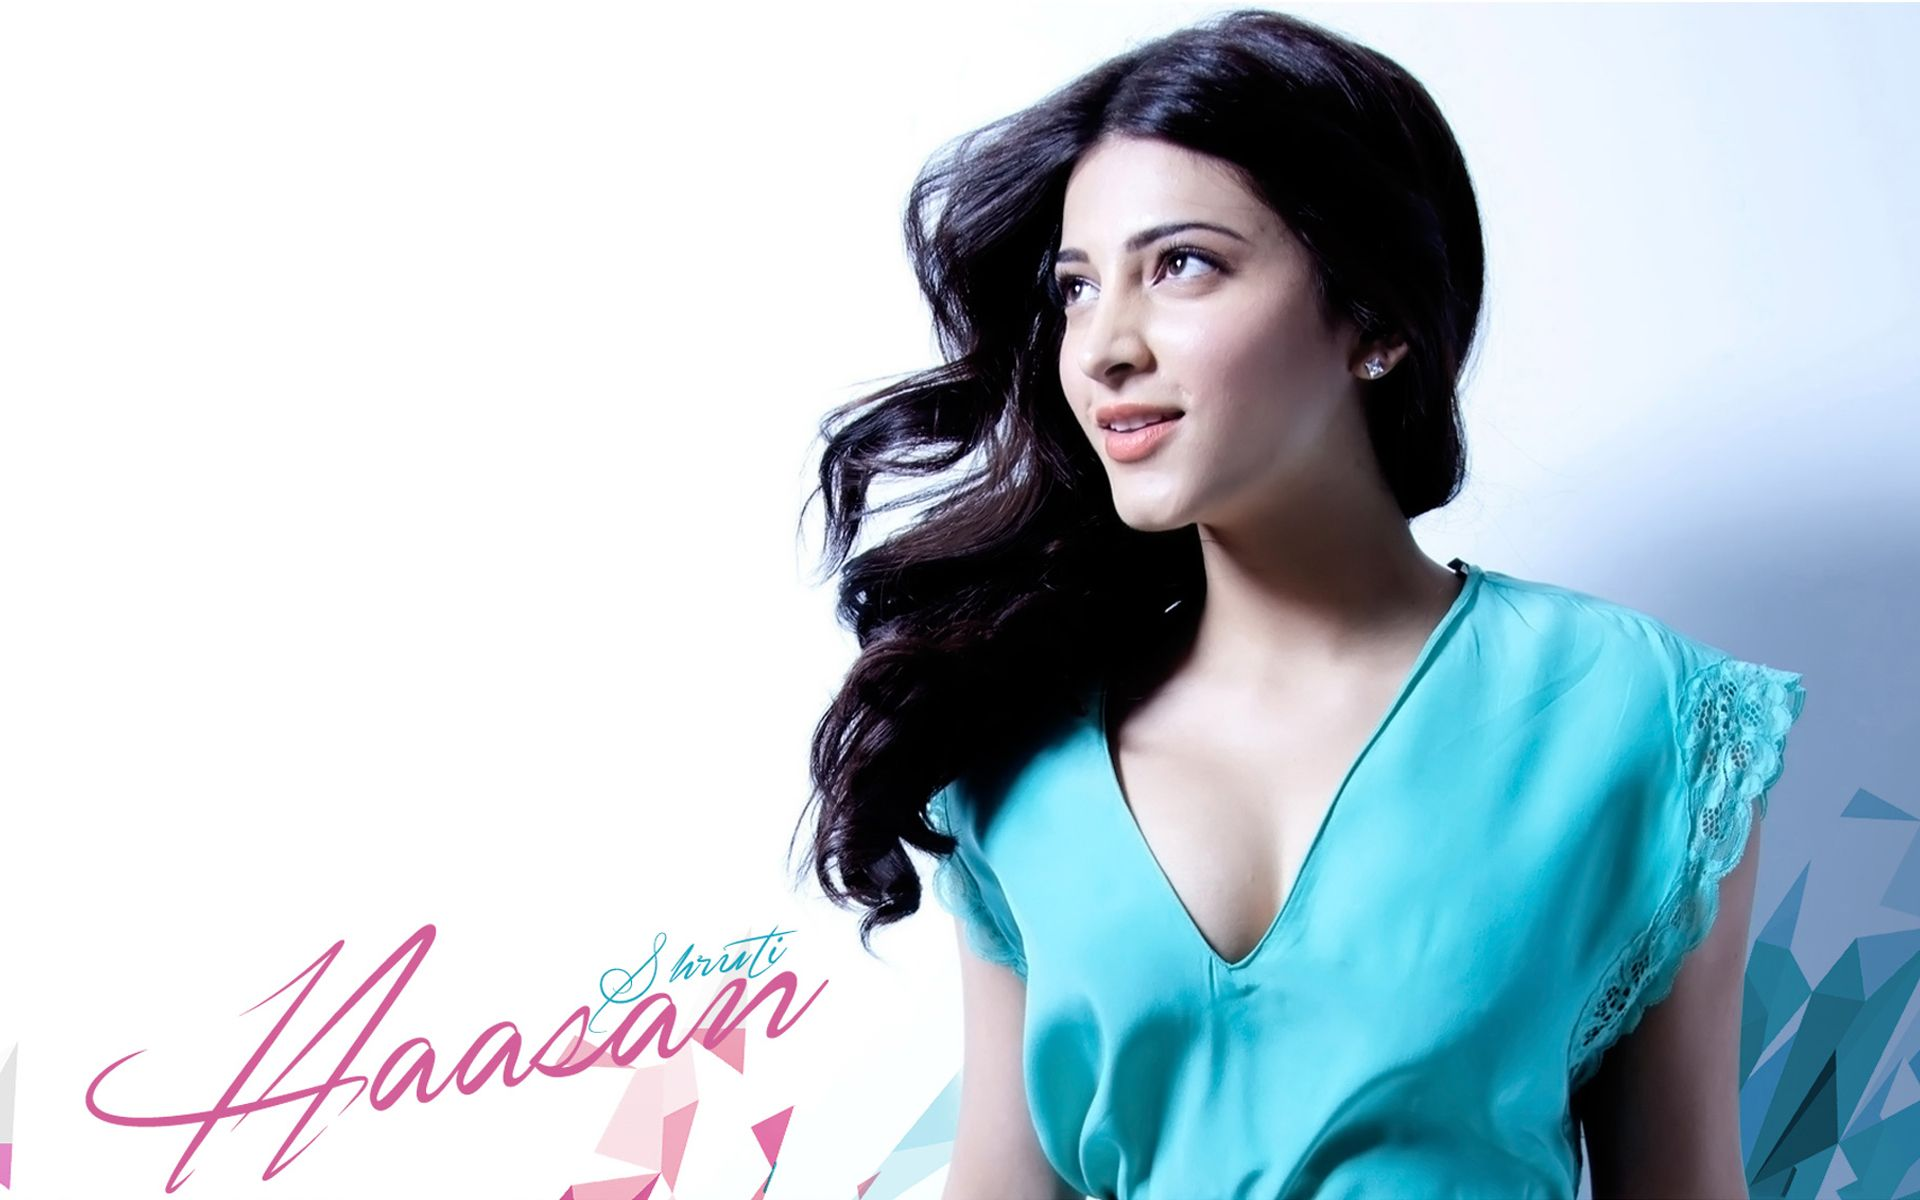 Beautiful Shruti Haasan New Hd Photo Beautiful Shruti Haasan New Hd